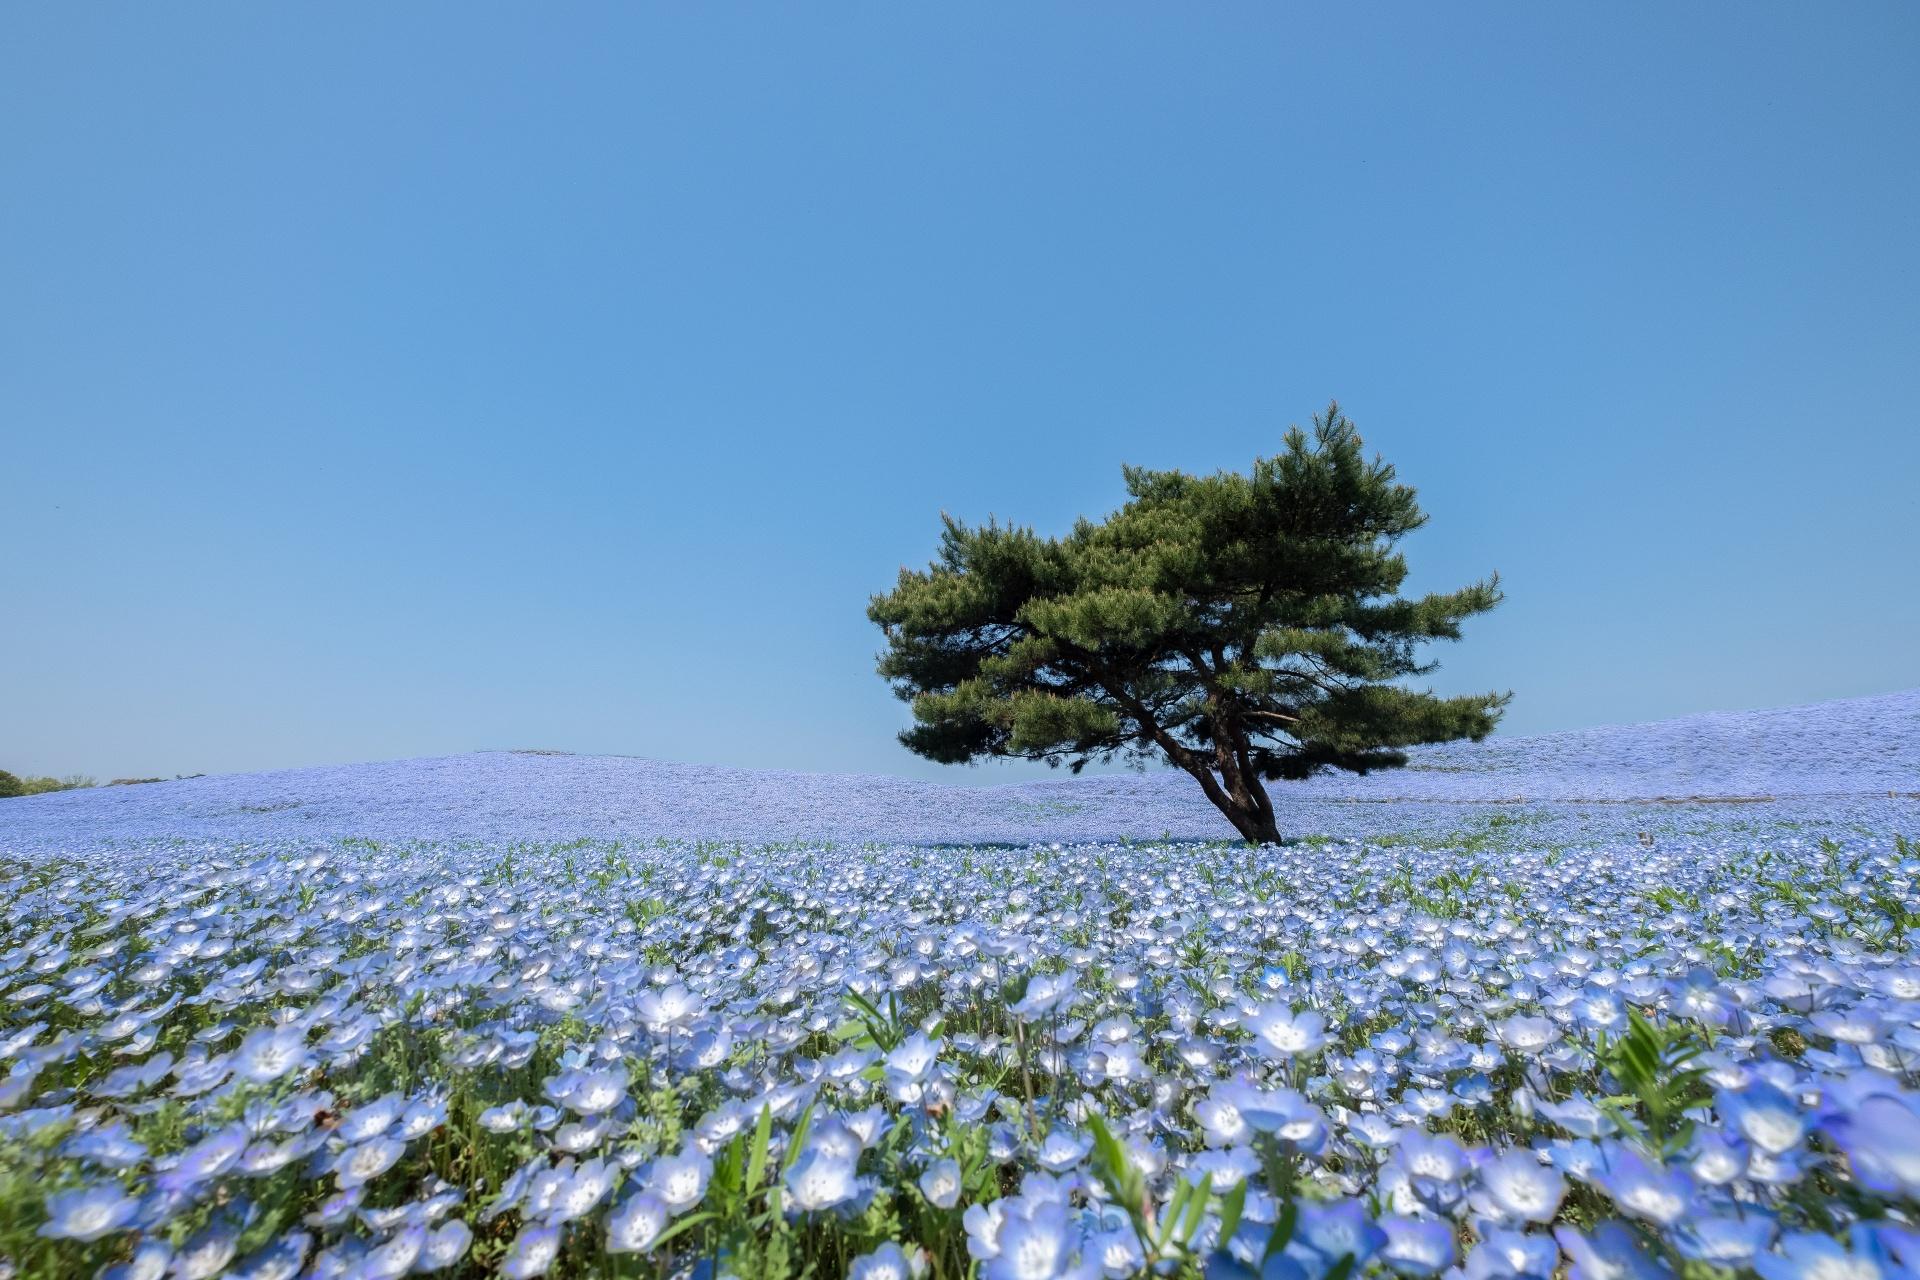 ネモフィラの咲く風景 – 国営ひたち海浜公園 茨城の風景